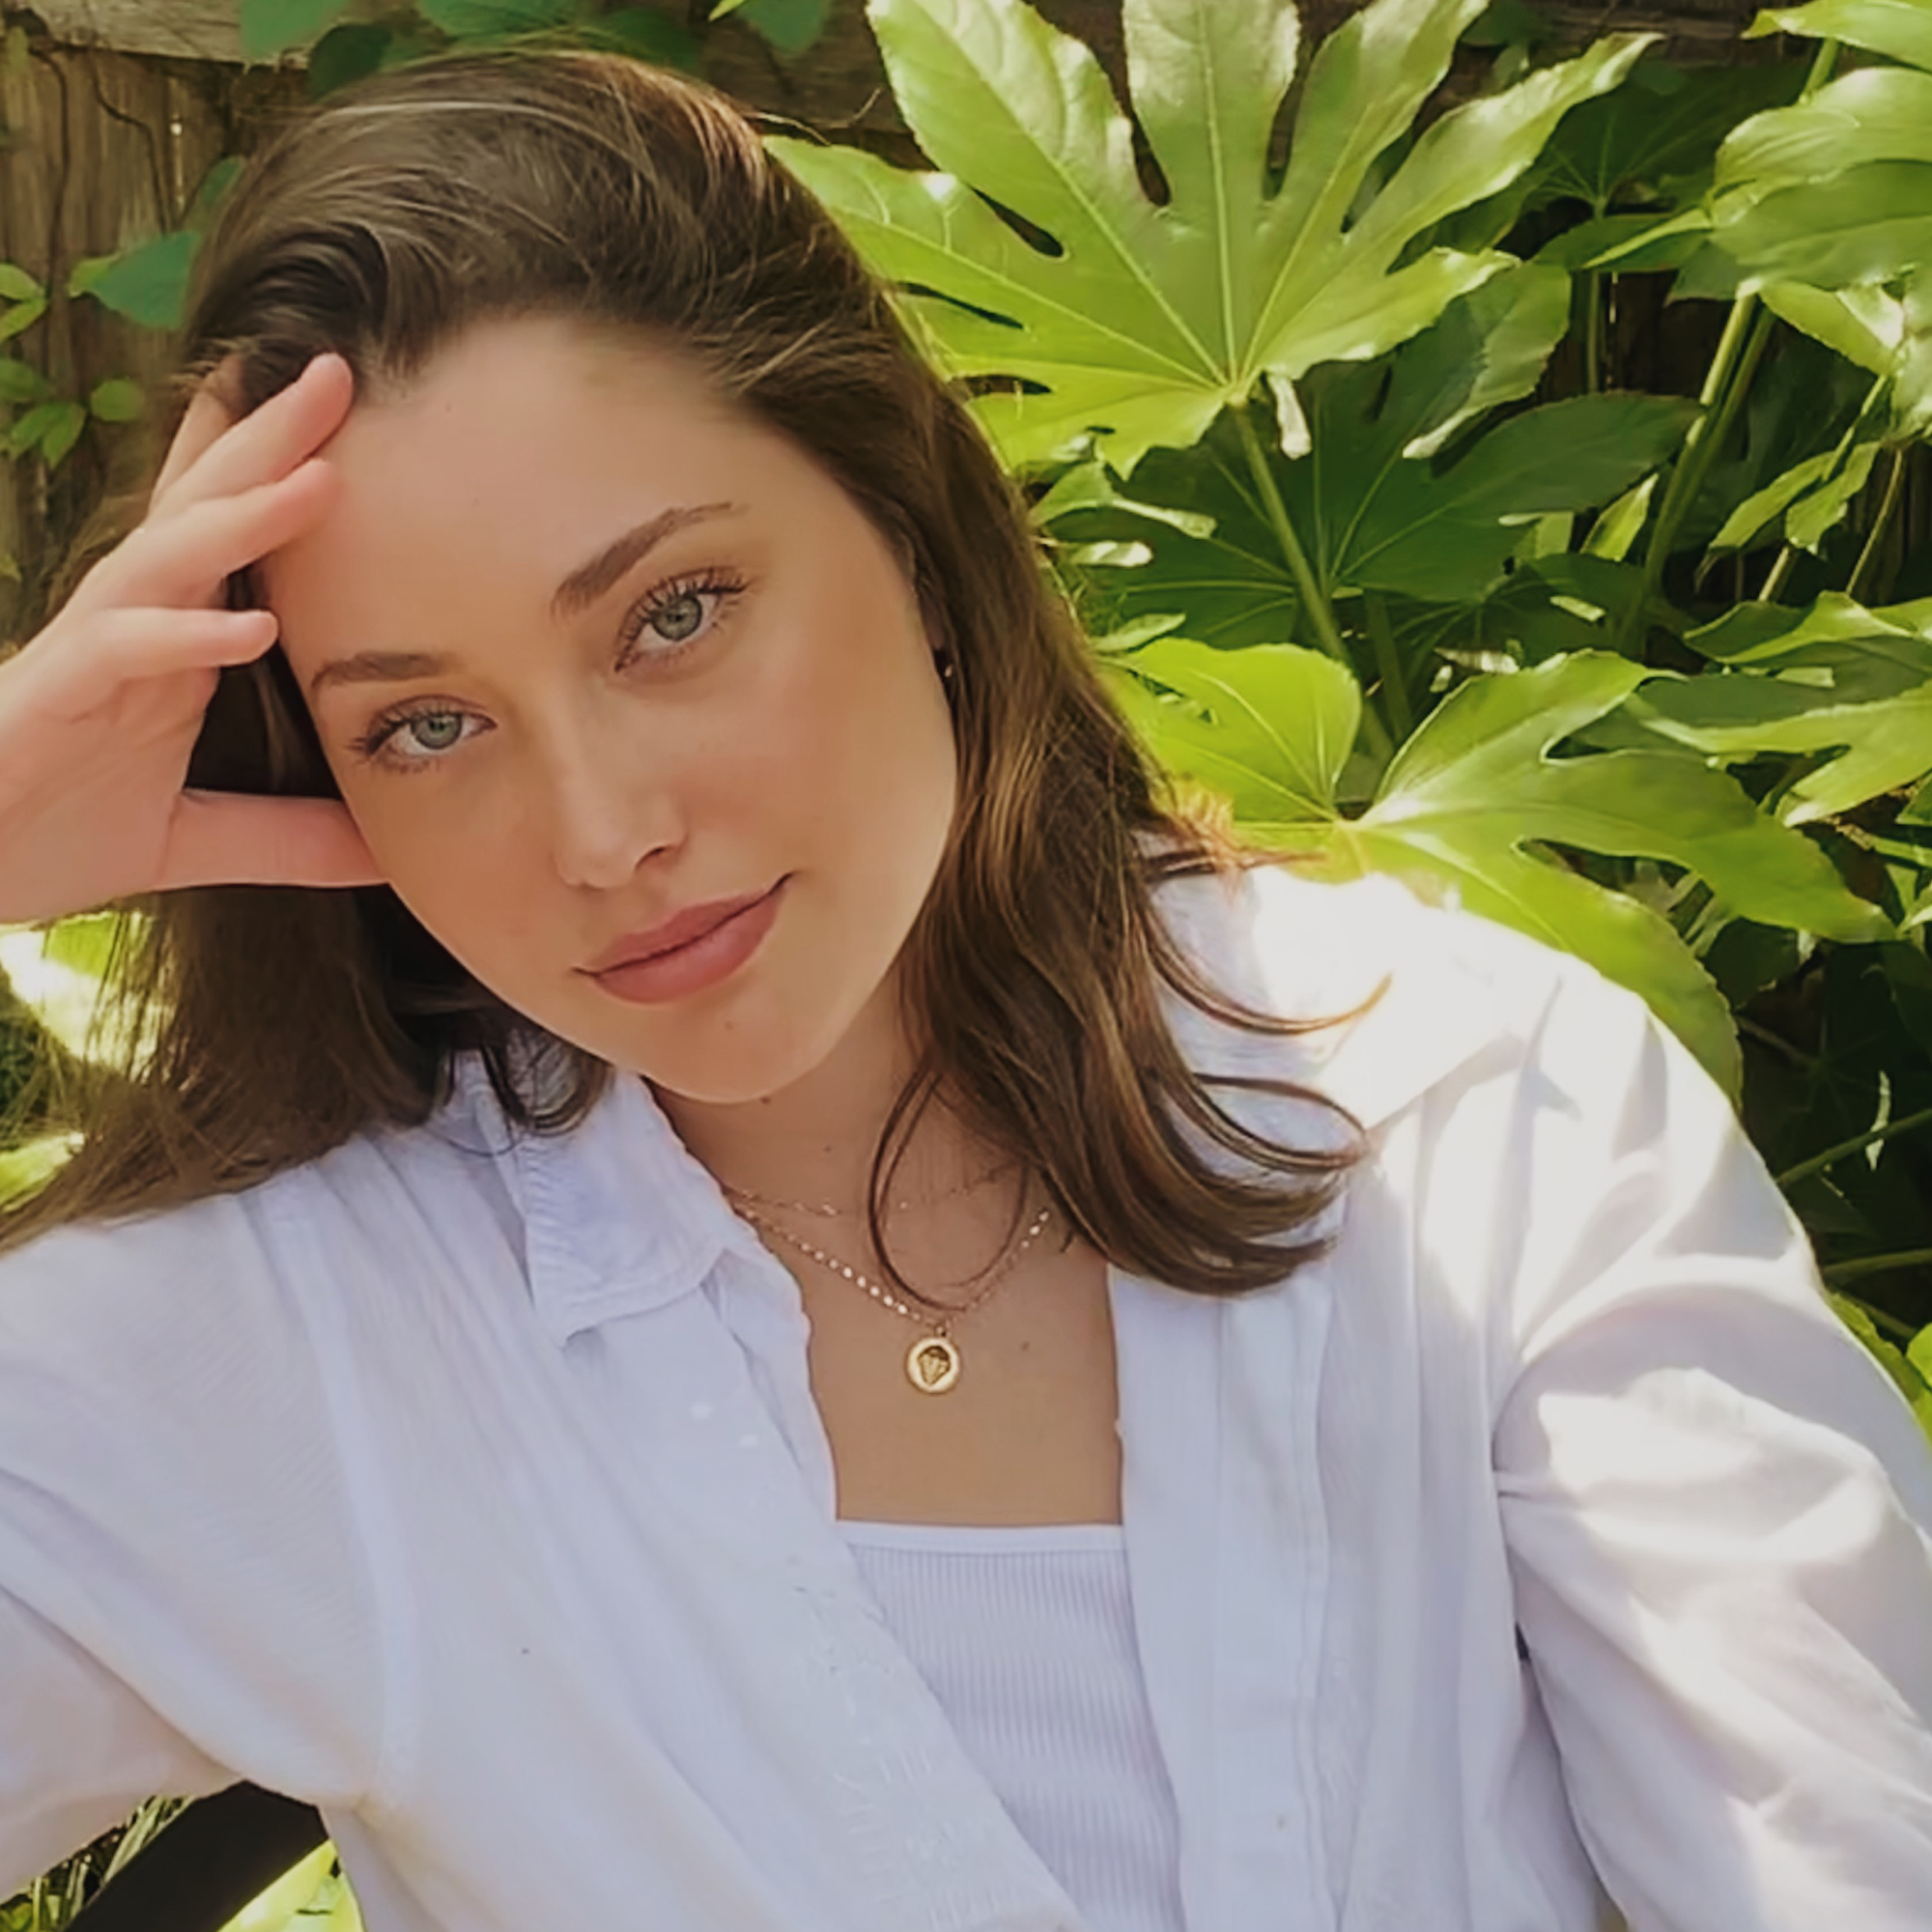 Image of katie hale